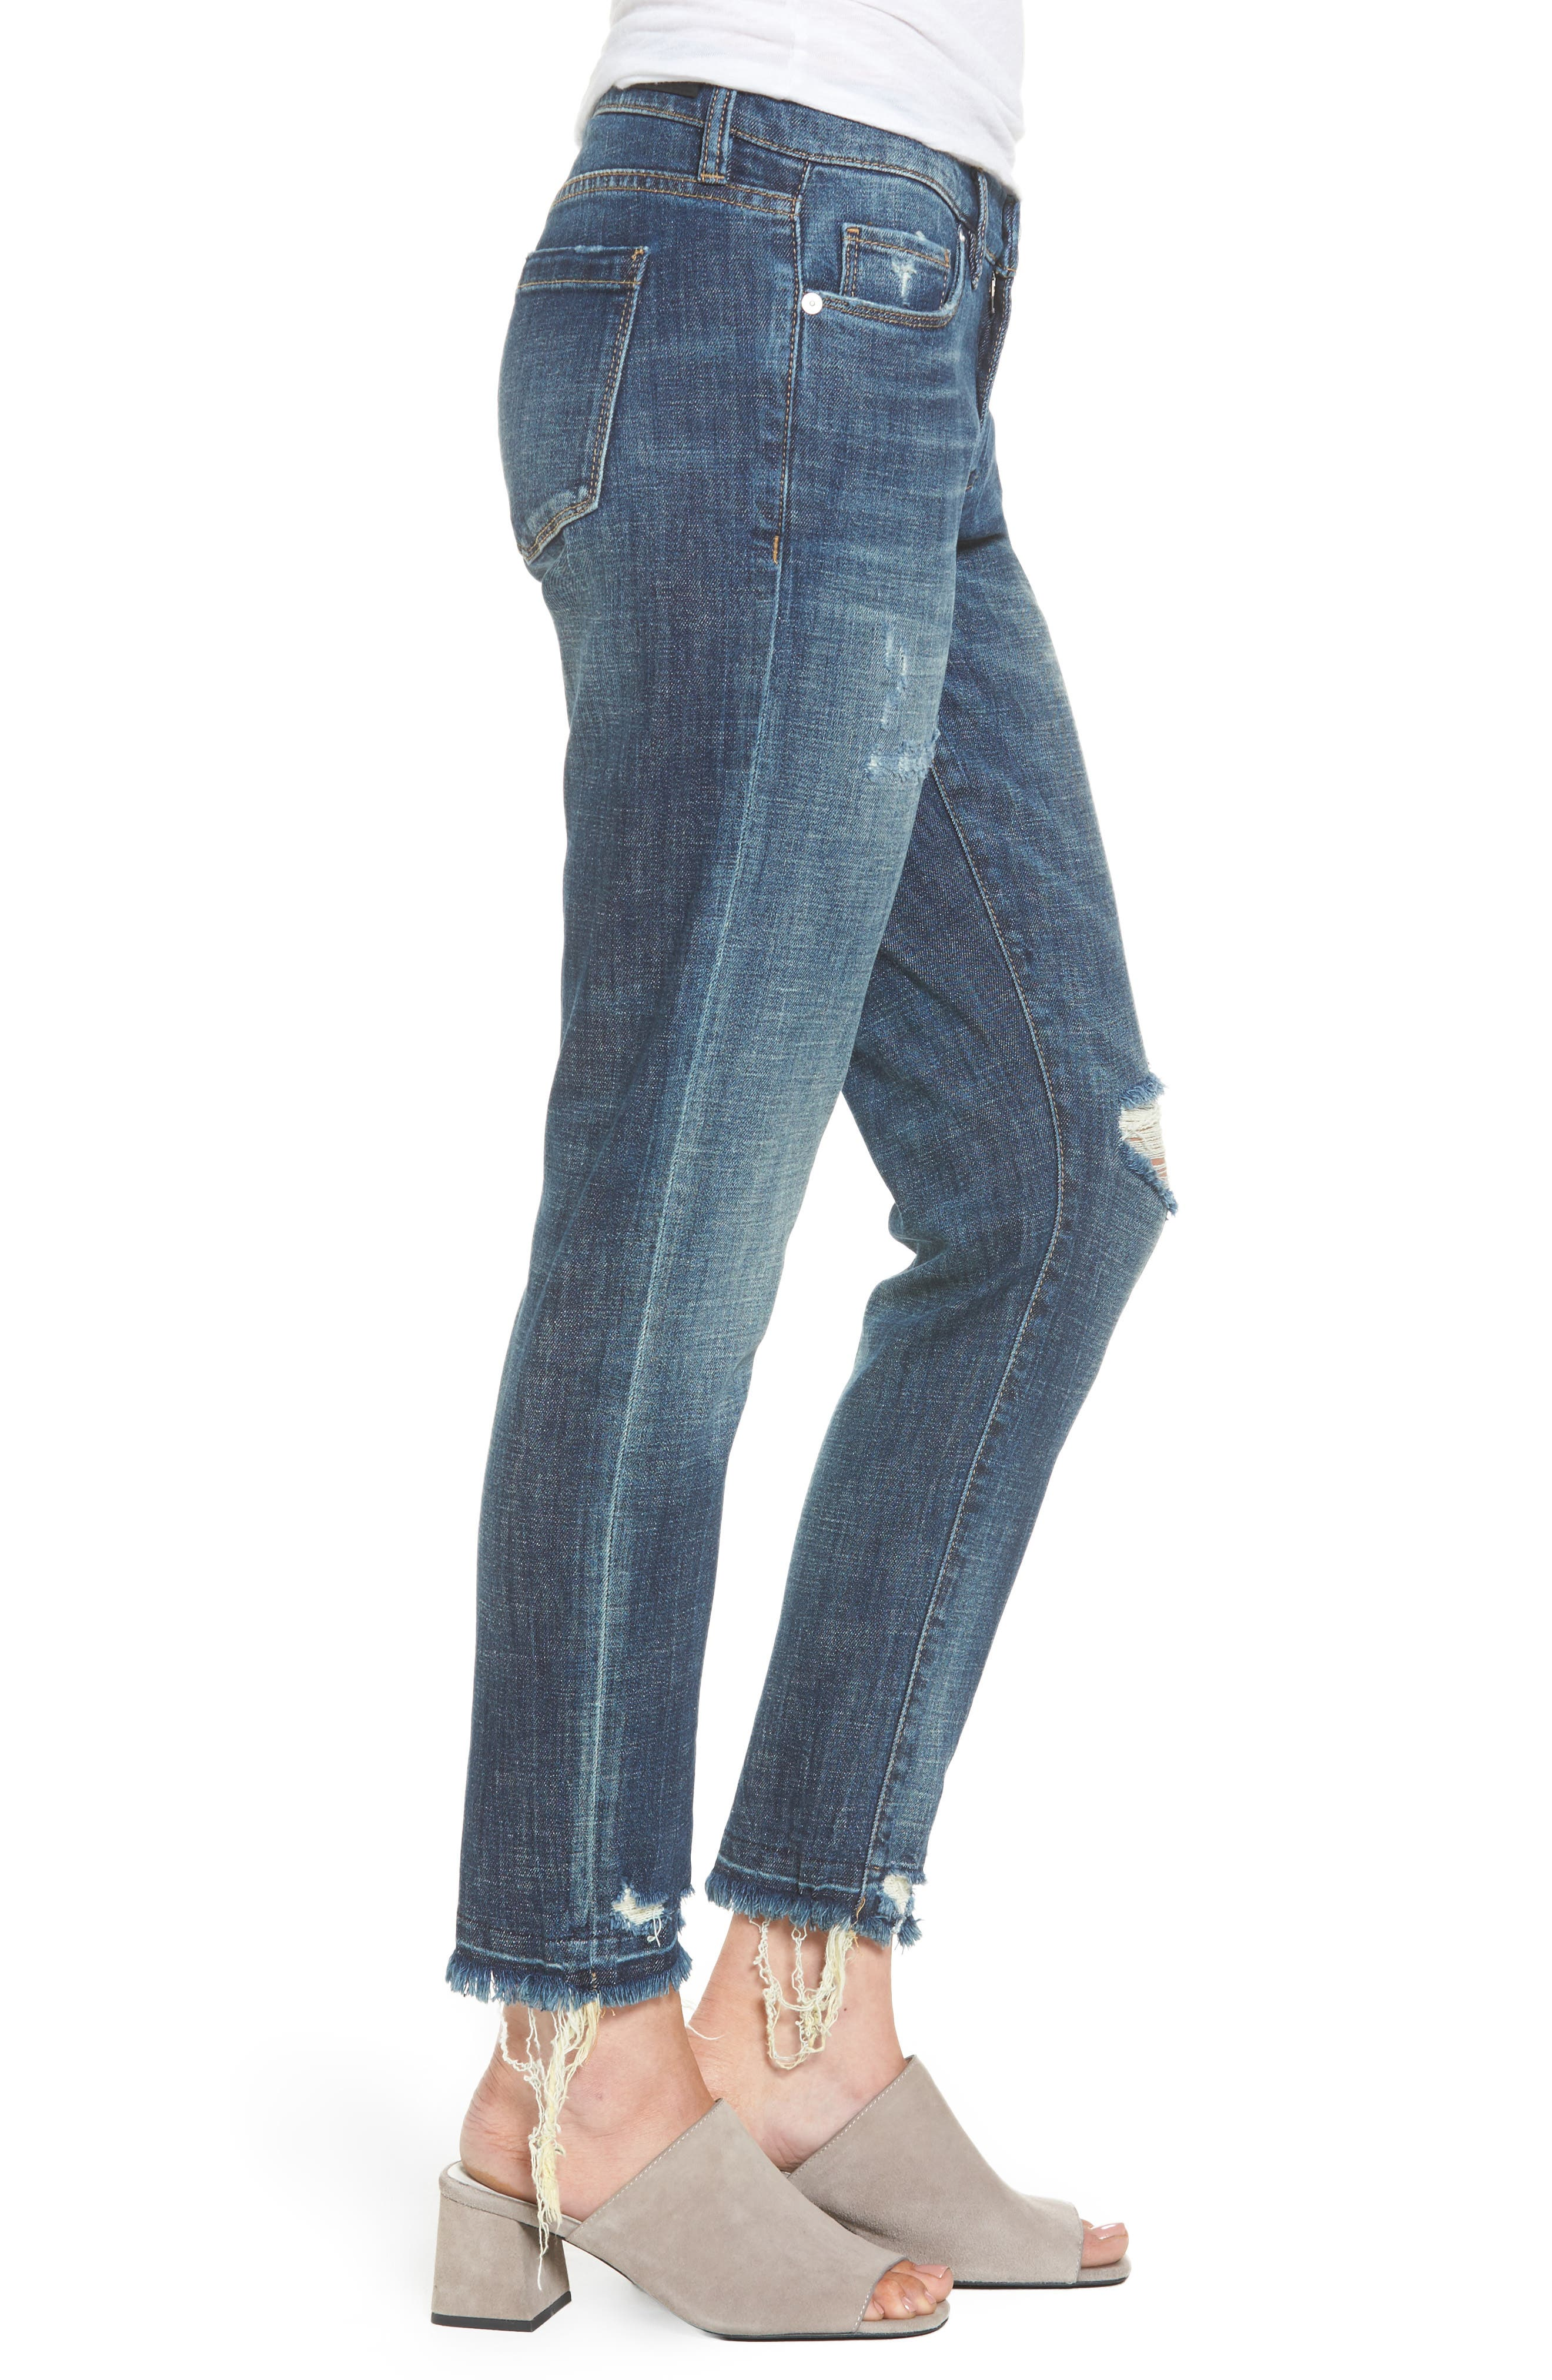 Alternate Image 3  - BLANKNYC Ripped Girlfriend Jeans (Let It Roll)